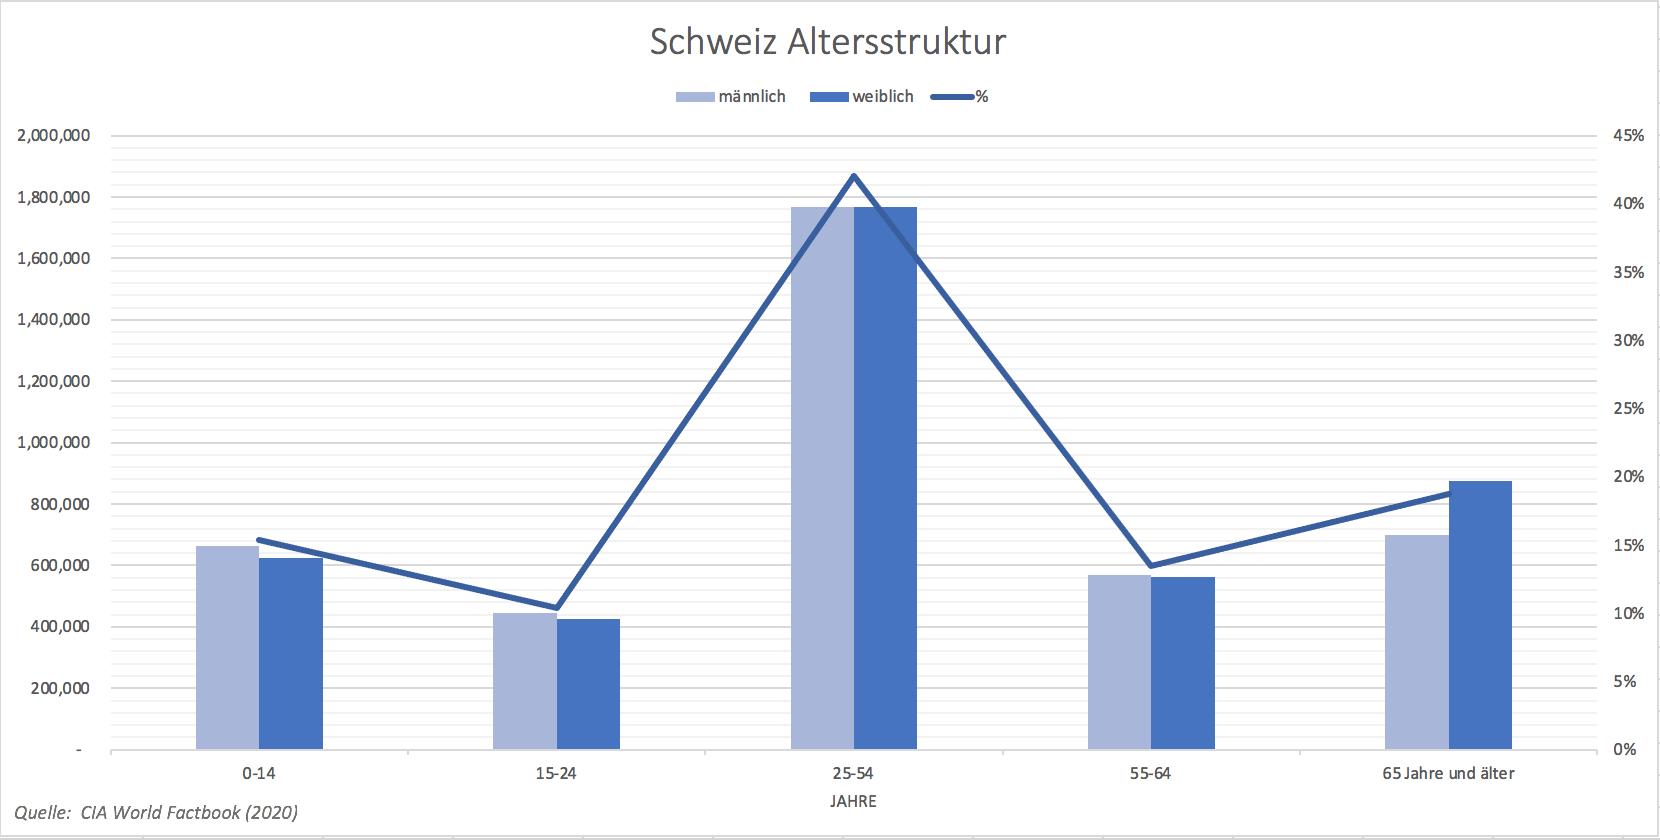 DE Swiss age structure